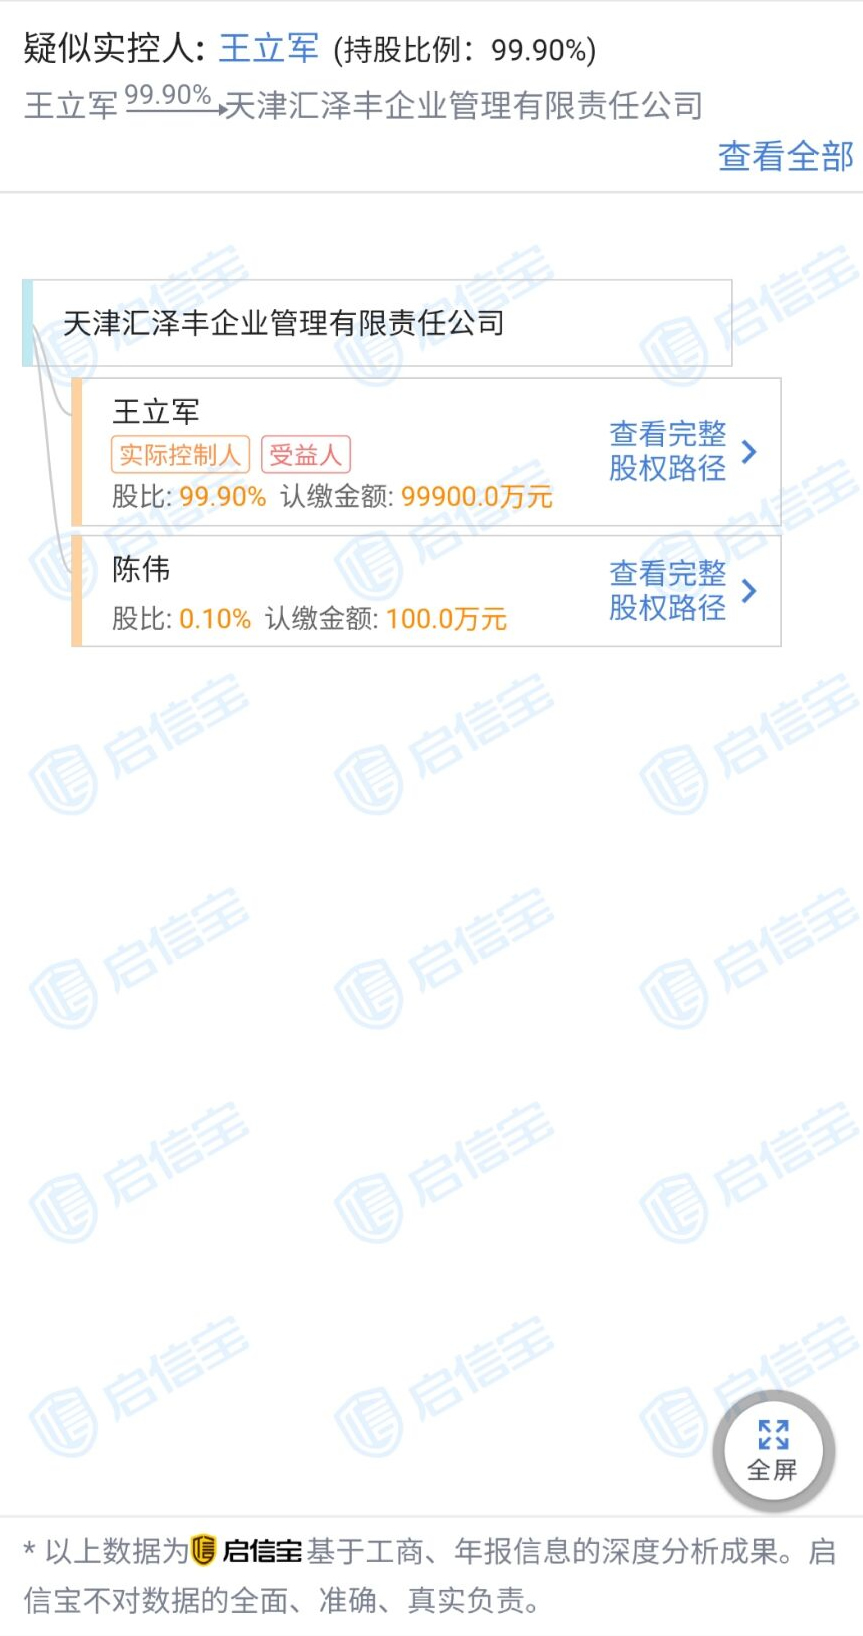 涉嫌刑事犯罪揭秘浔兴股份实控人10亿撬动100亿之谜